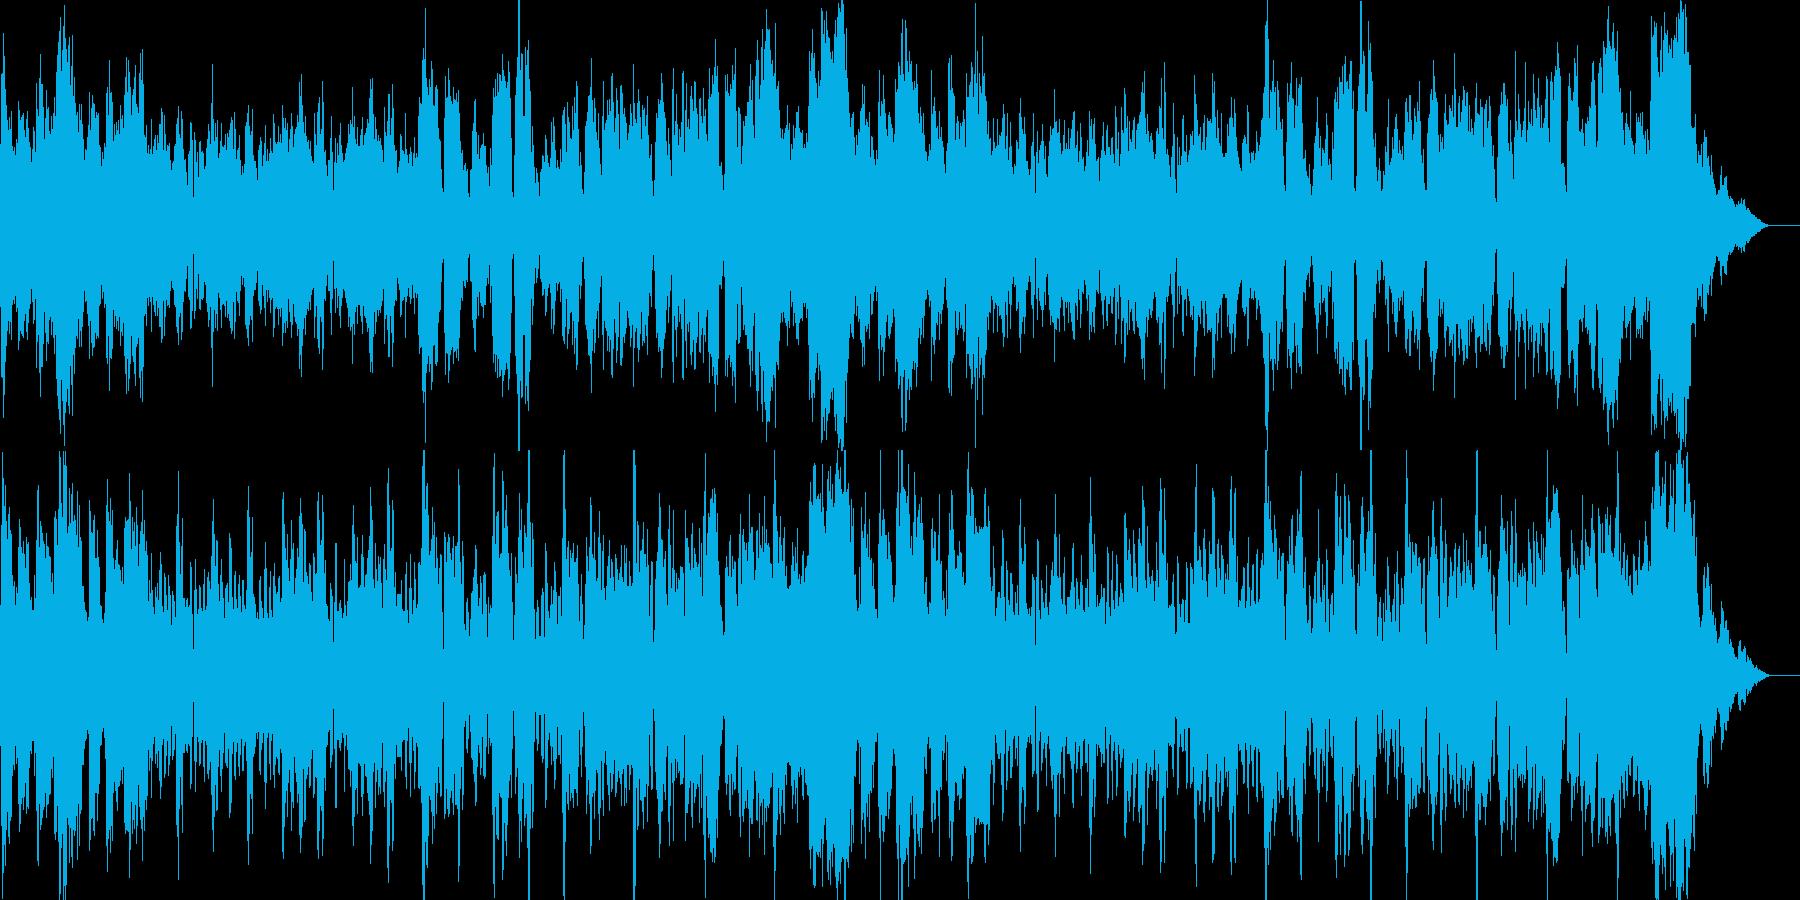 威圧感と熱量があるオーケストラ楽曲の再生済みの波形